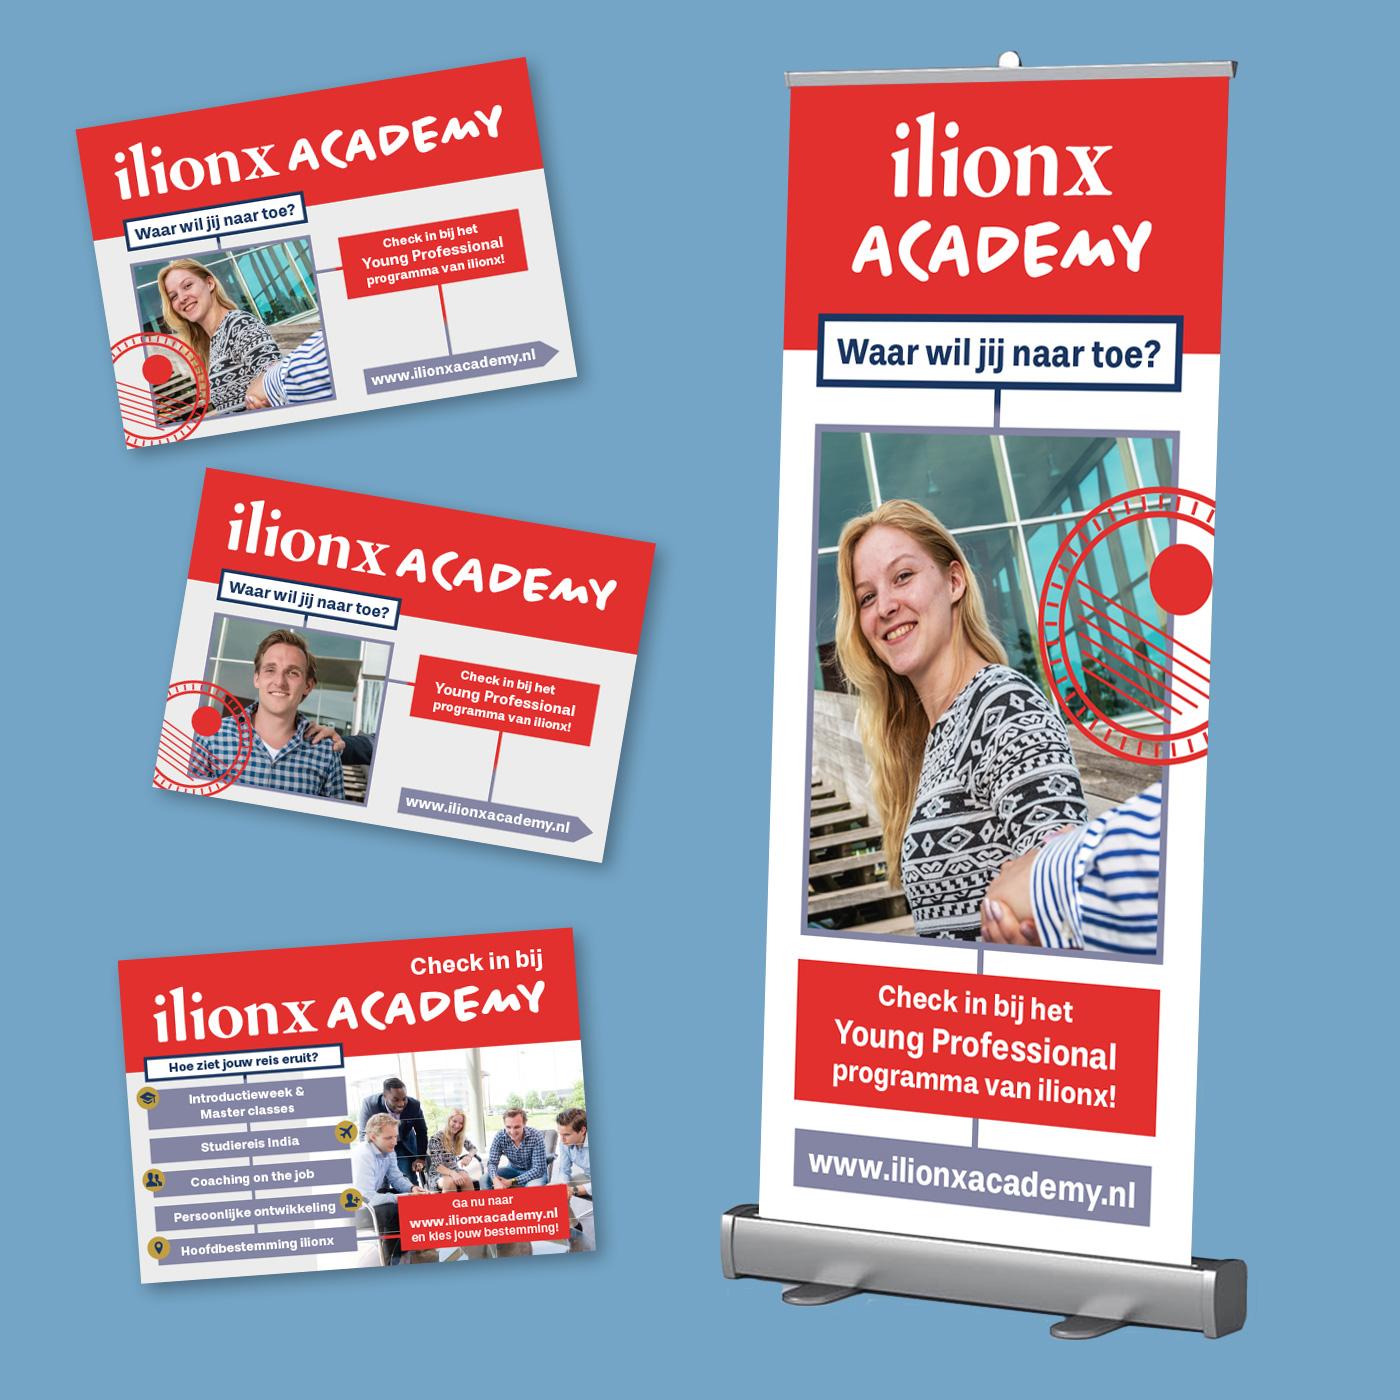 Beursbanner en promotieflyers voor ilionx academy, een van de onderdelen van it-bedrijf ilionx. Ontwerp en drukwerk.